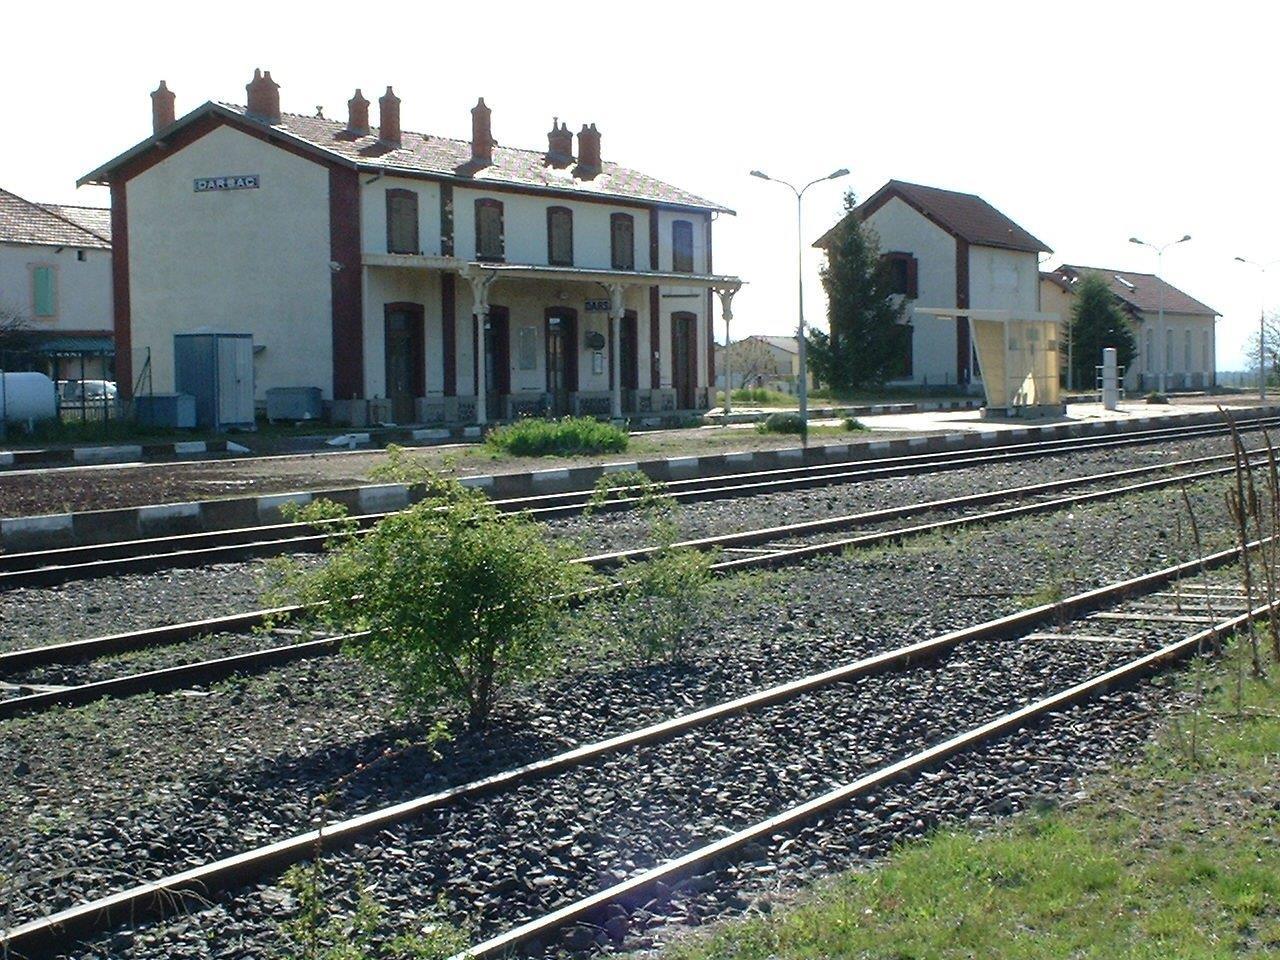 gare-de-darsac-train-station